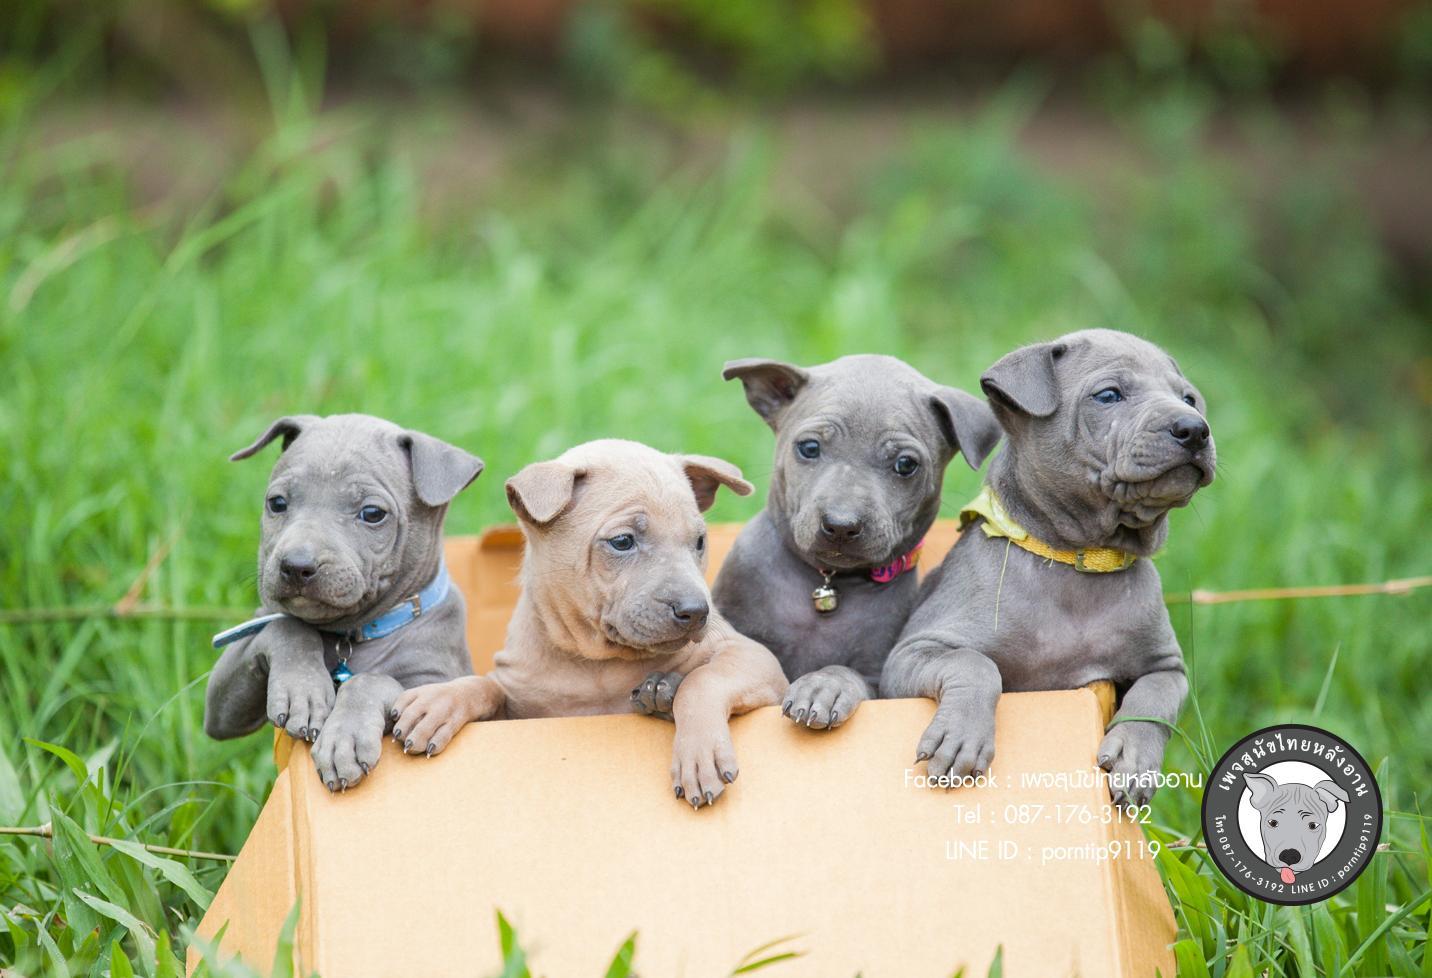 สุนัขไทยหลังอาน ขายสุนัขไทยหลังอาน   ลูกสุนัขไทยหลังอานnet-0042